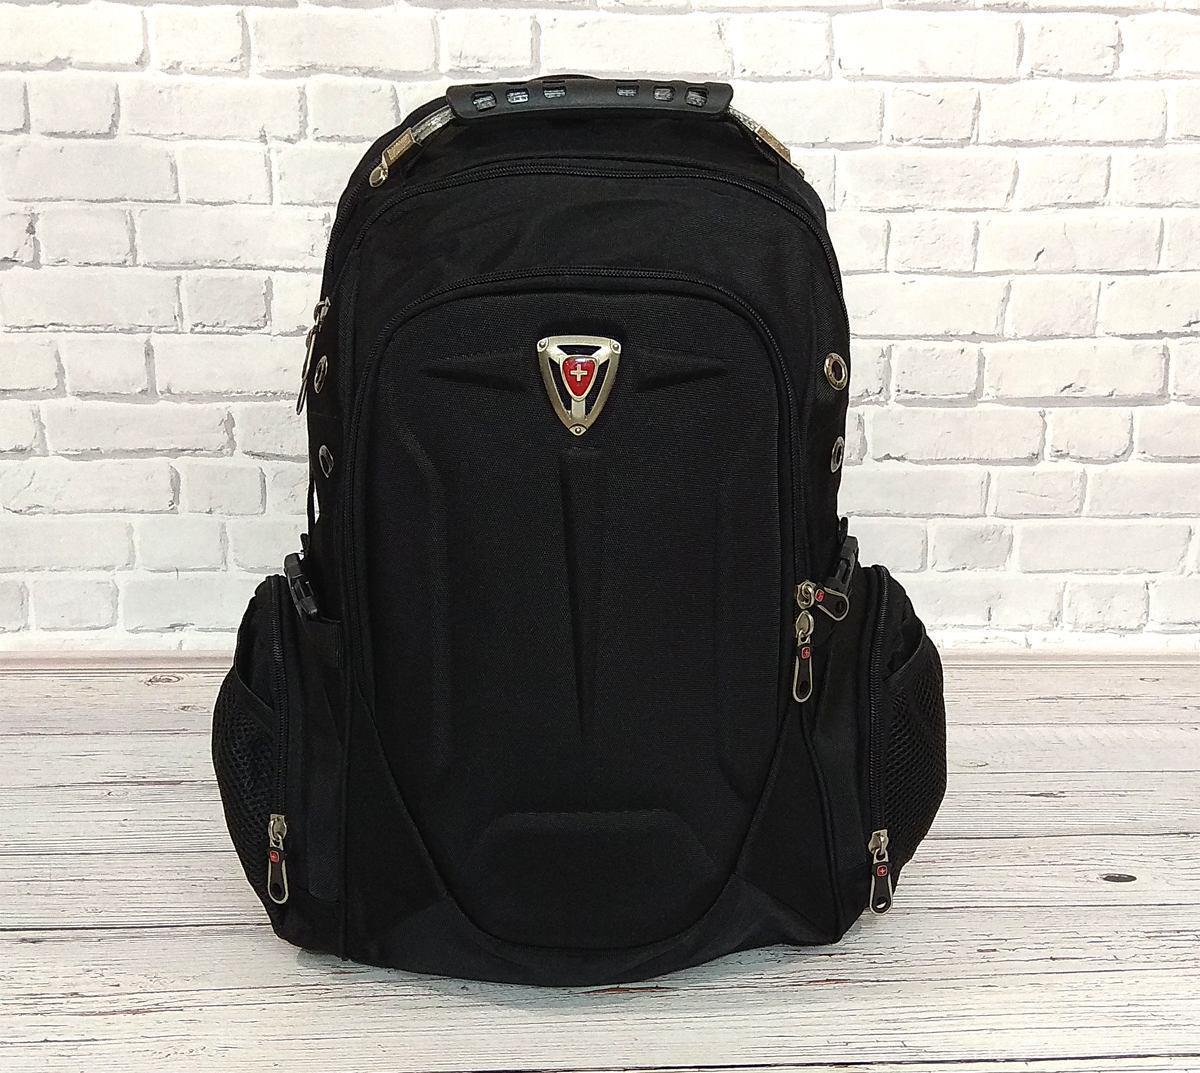 Вместительный рюкзак SwissGear Wenger, свисгир. Черный. 35L / s7655 black, фото 1